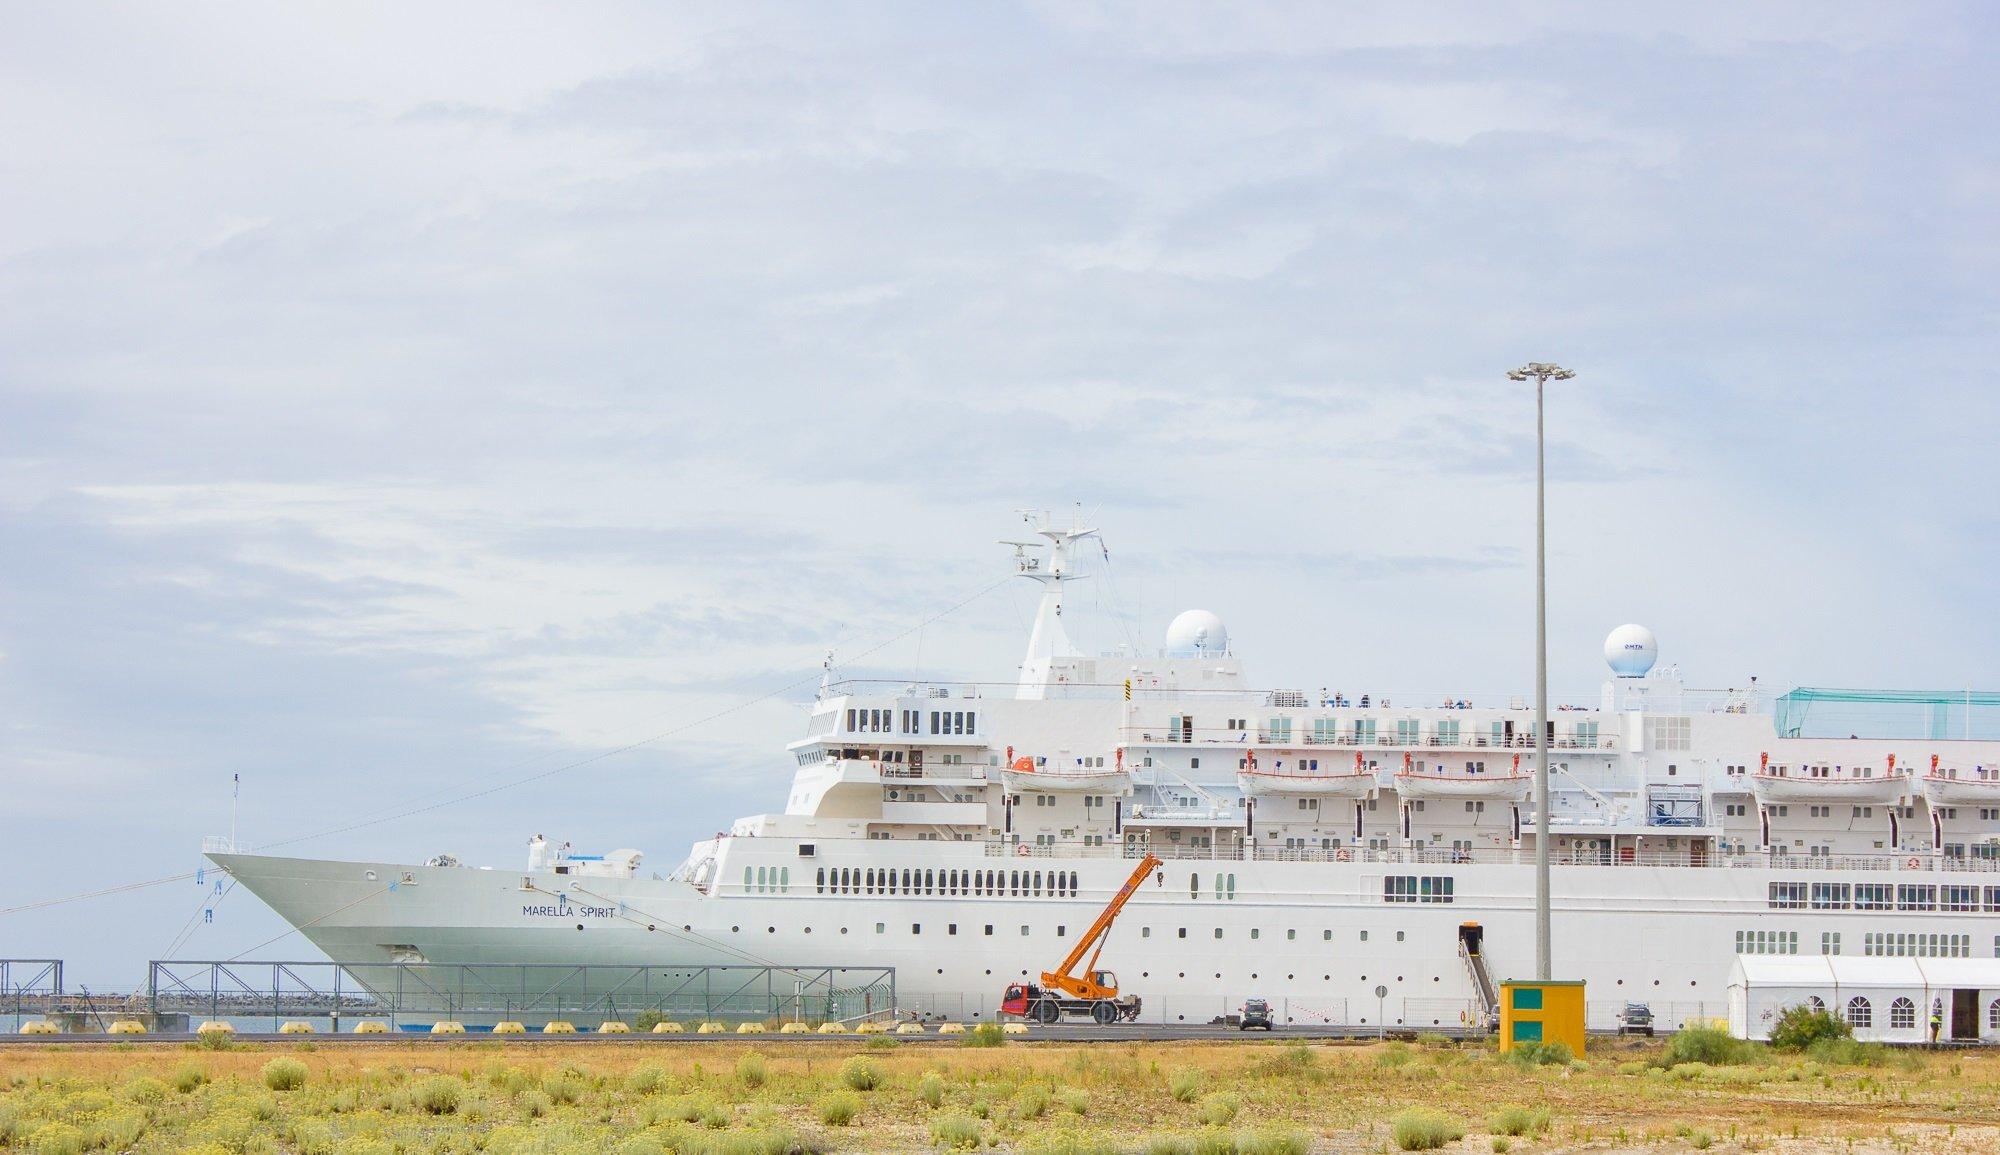 crucero Marella Spirit-29